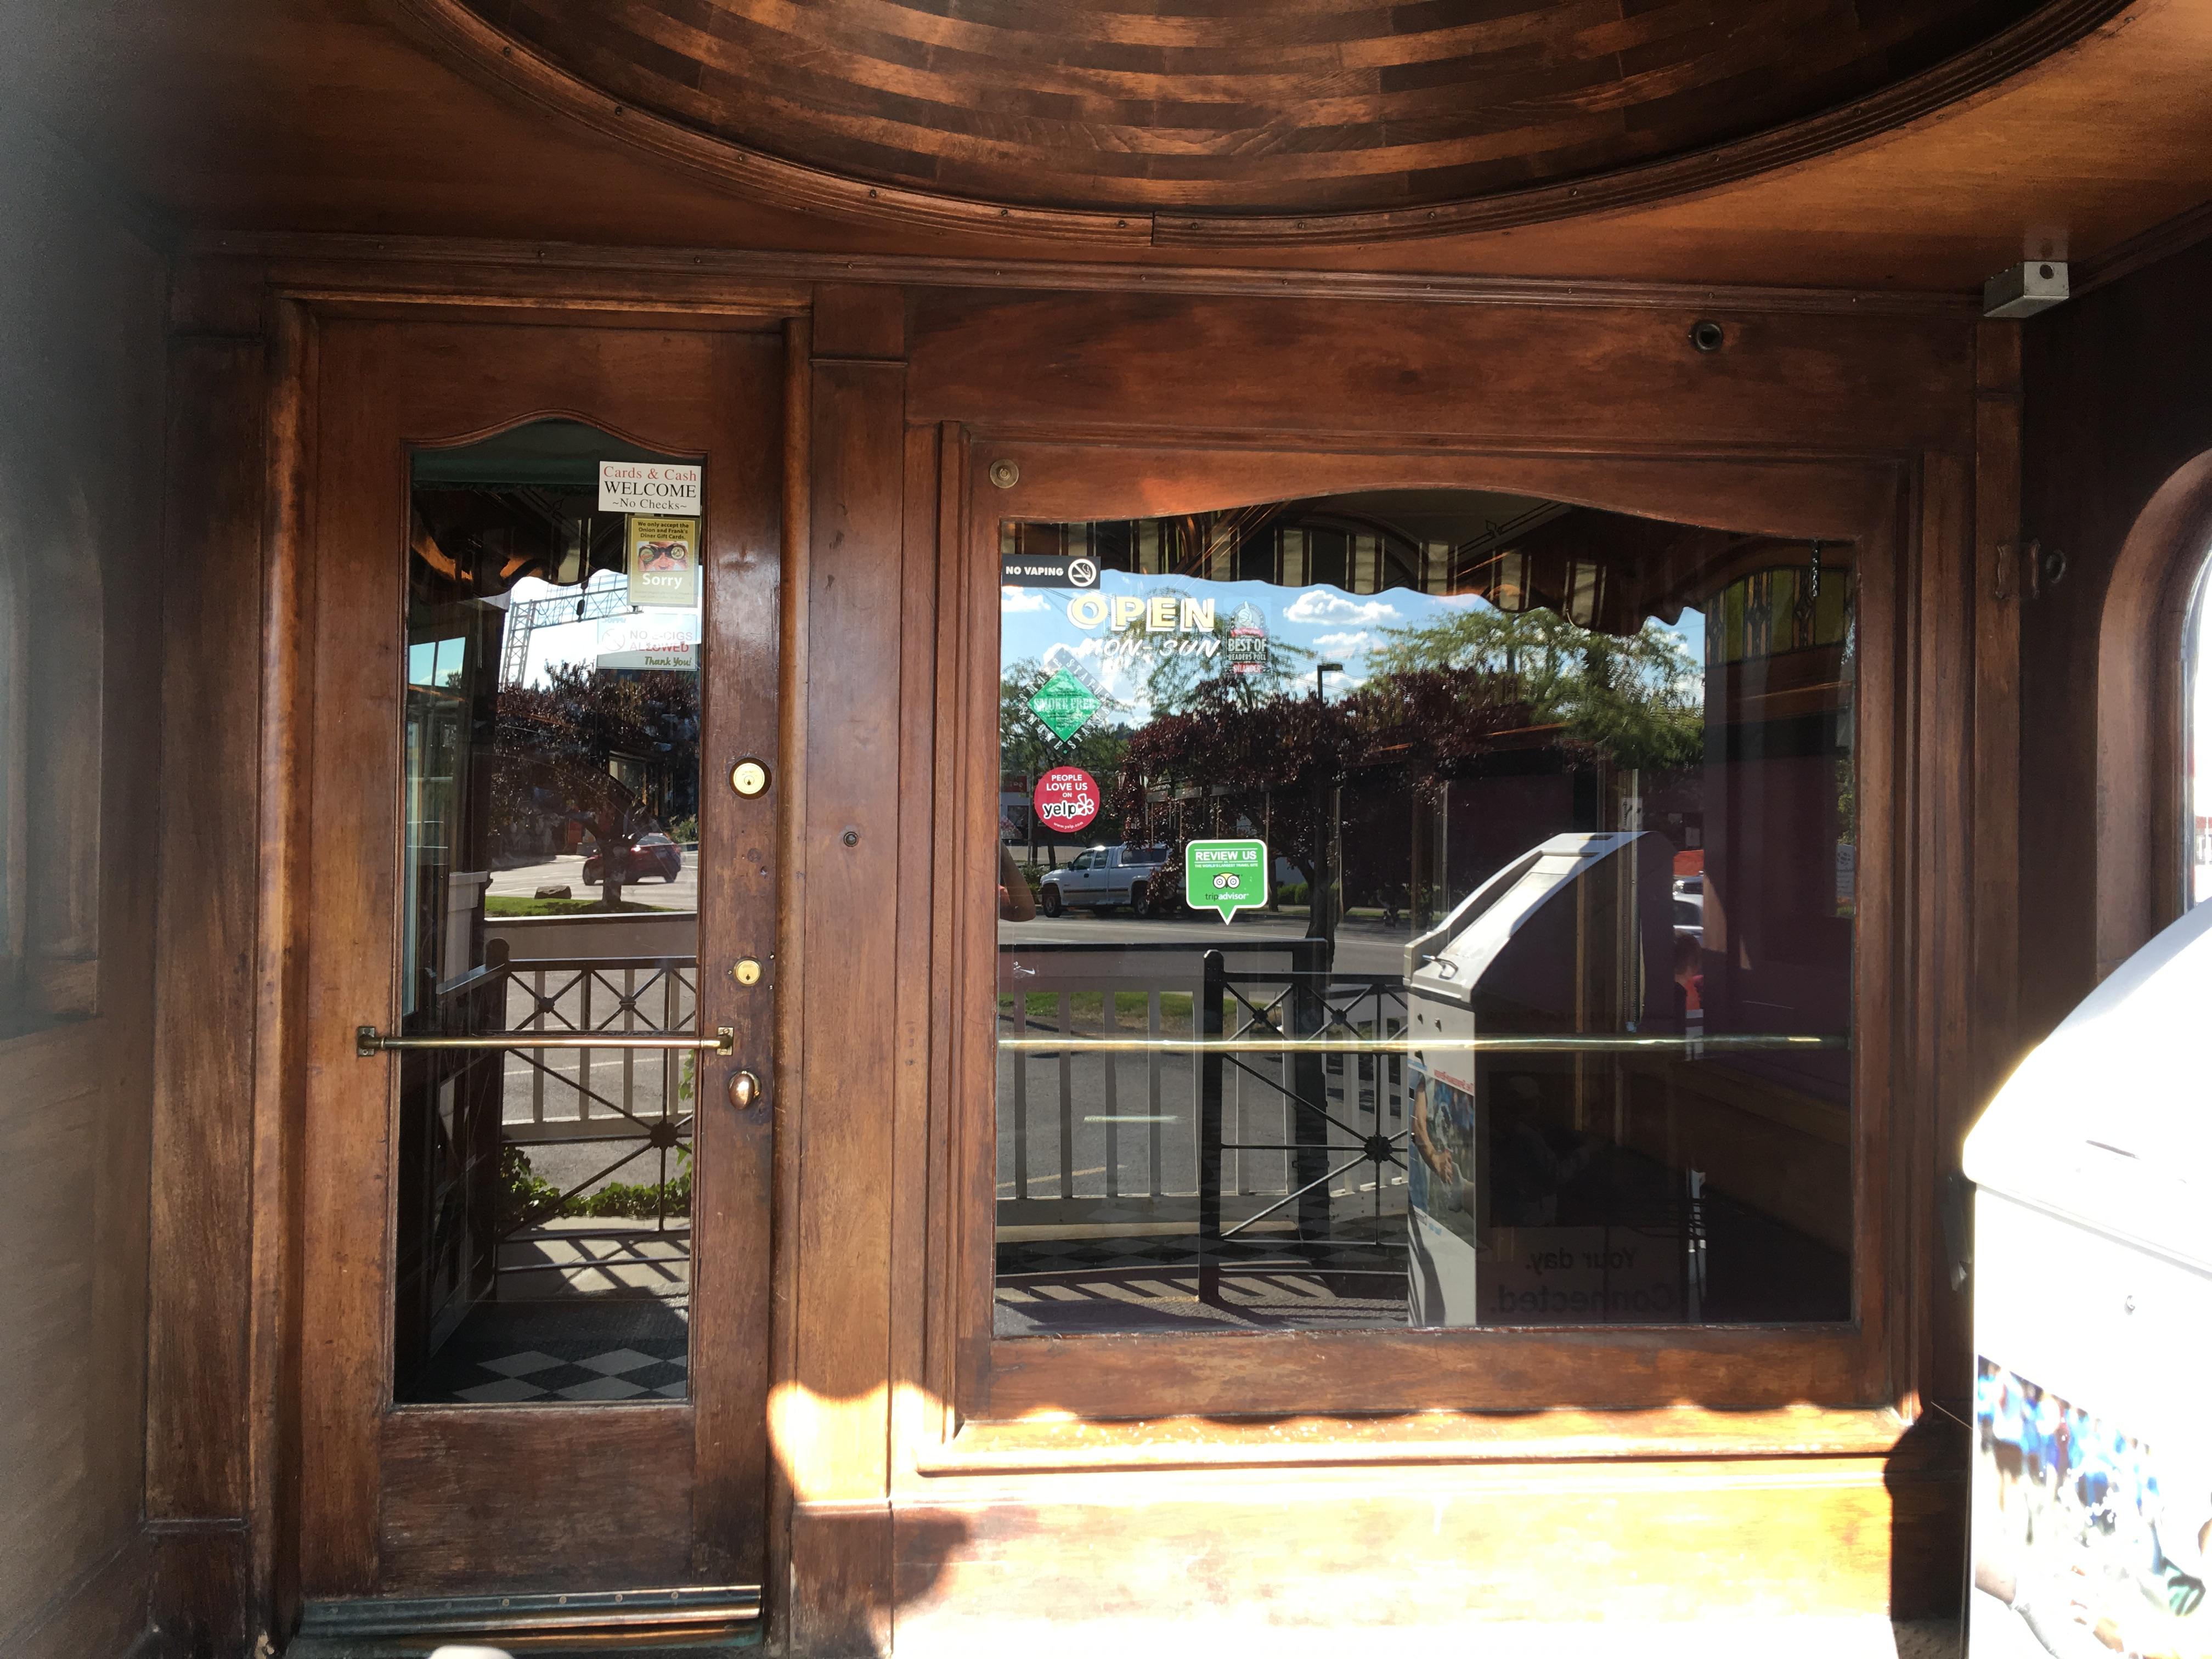 Frank\u0027s Diner Door to Cabin & Frank\u0027s Diner Door to Cabin | Mojdeh Sami